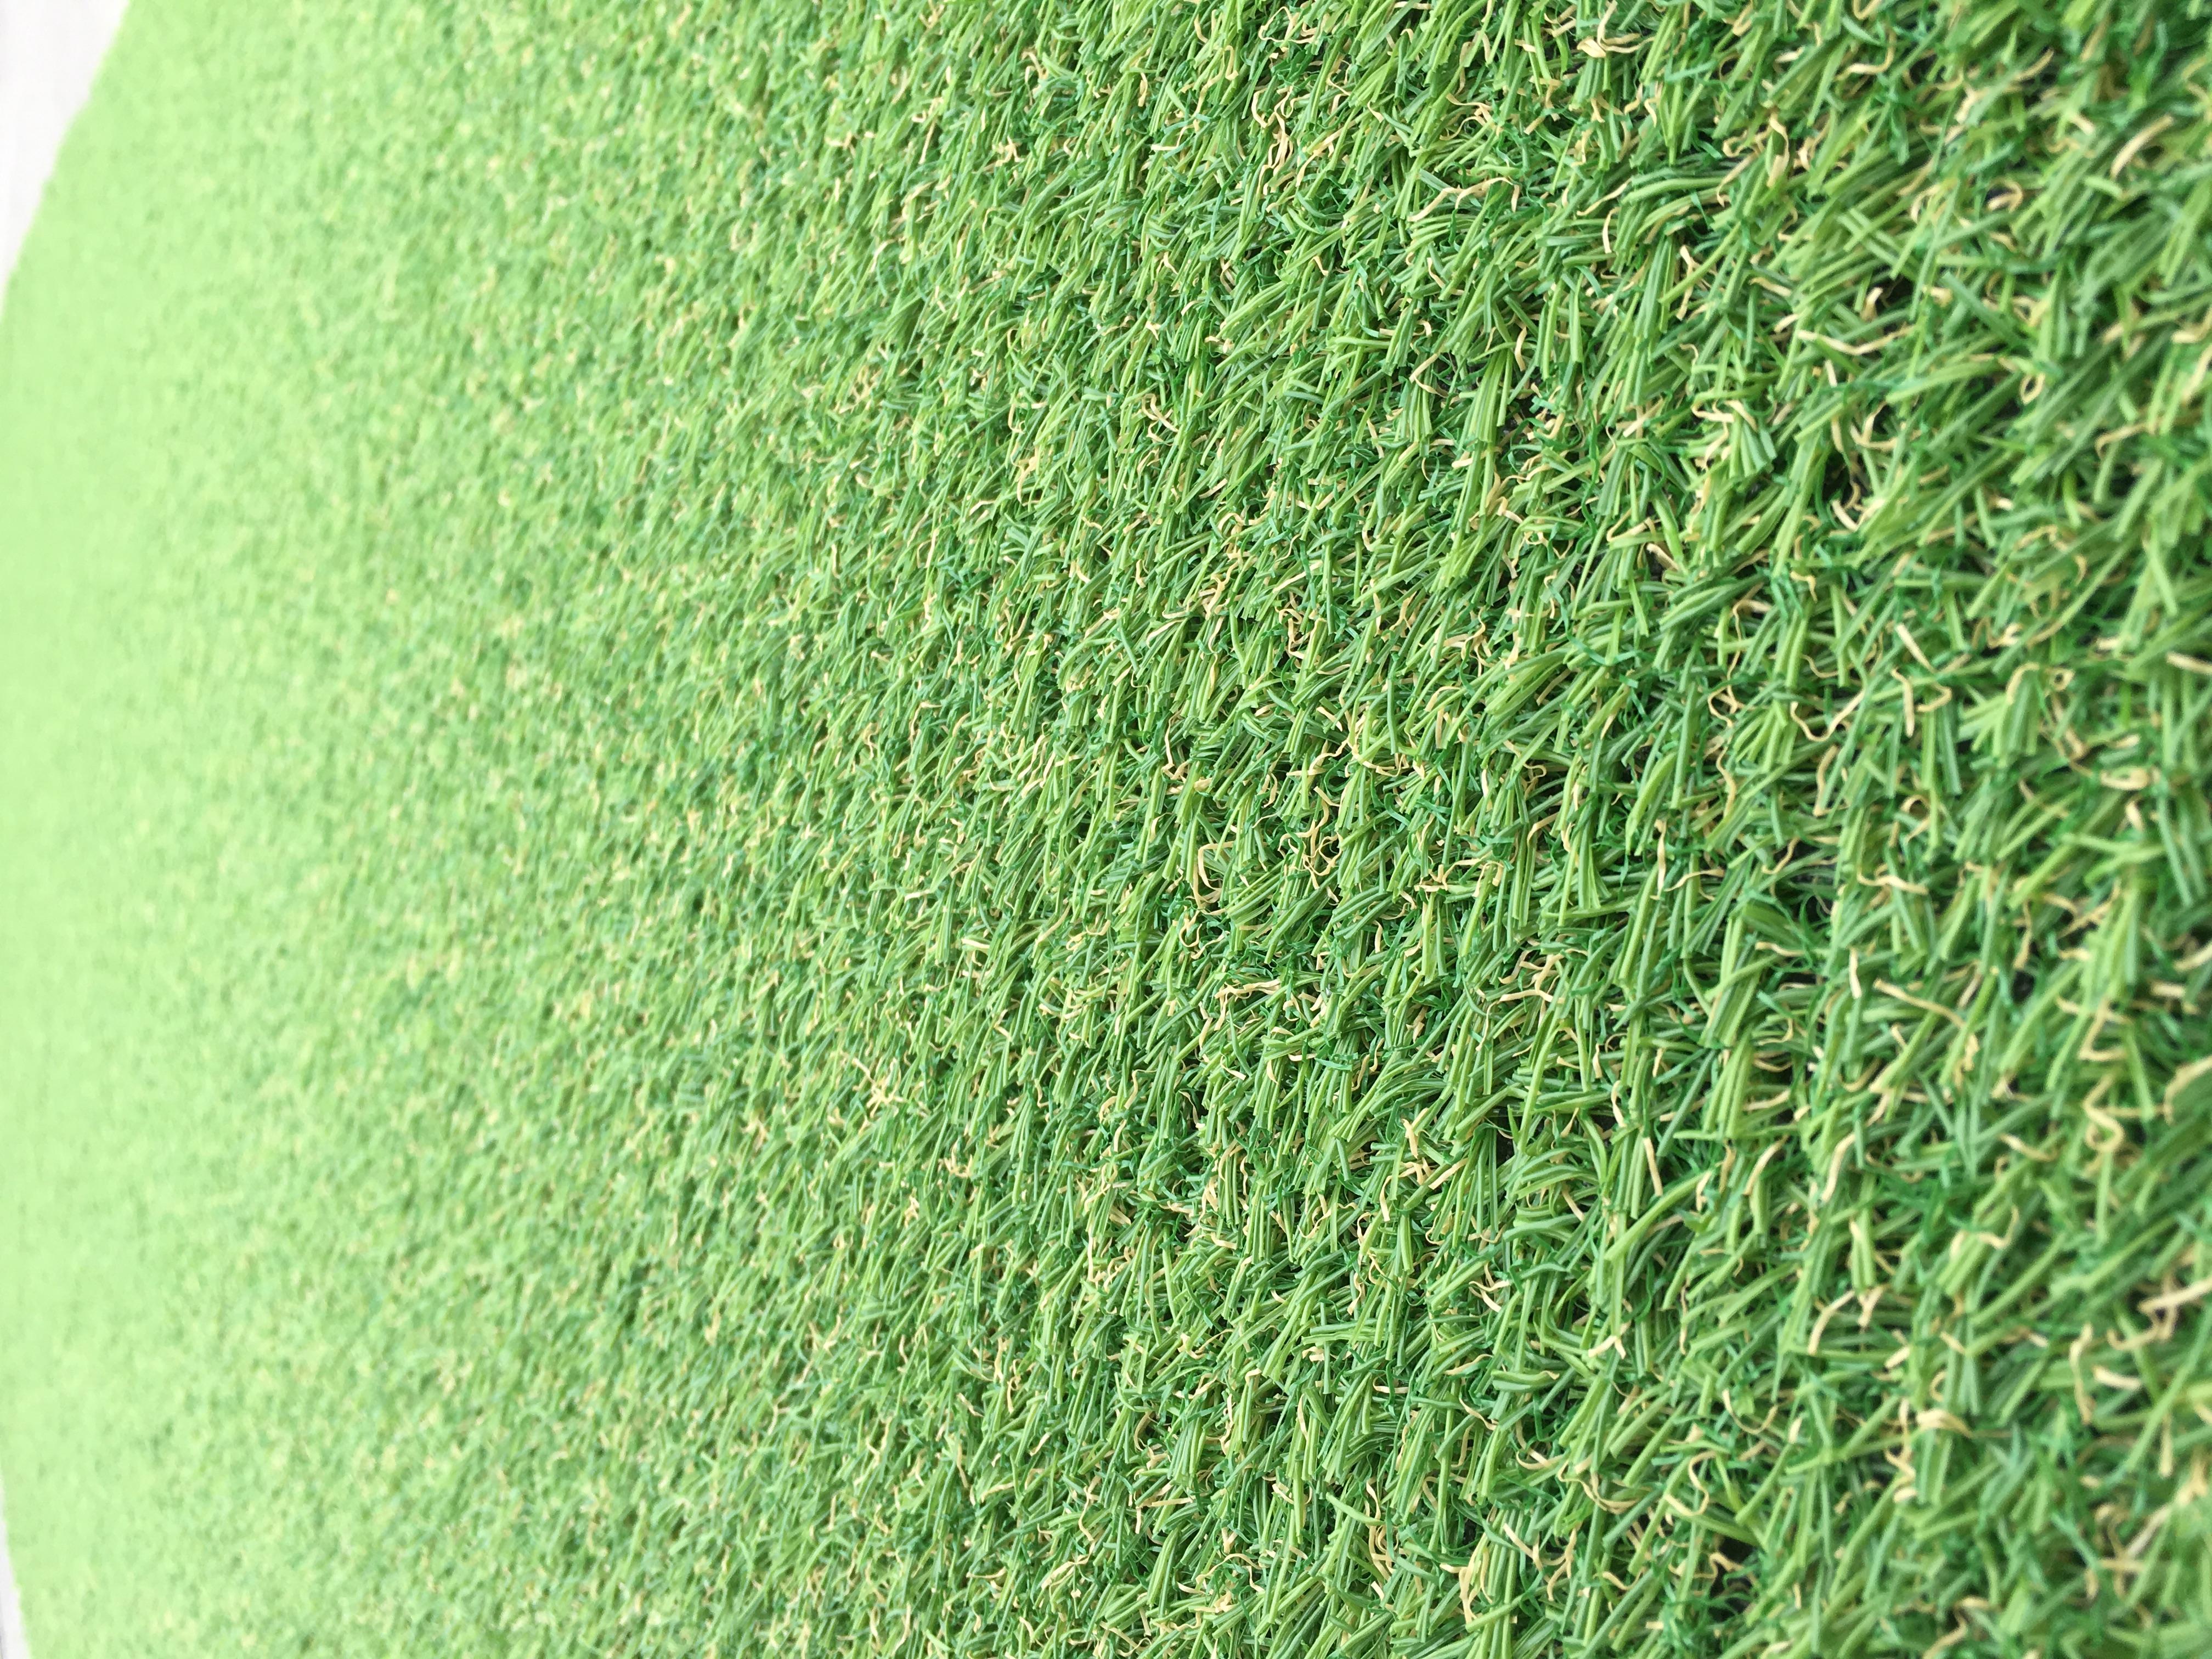 Covor Iarba Artificiala, Tip Gazon, Verde, Natura, 100% Polipropilena, 10 mm, 100x400 cm4